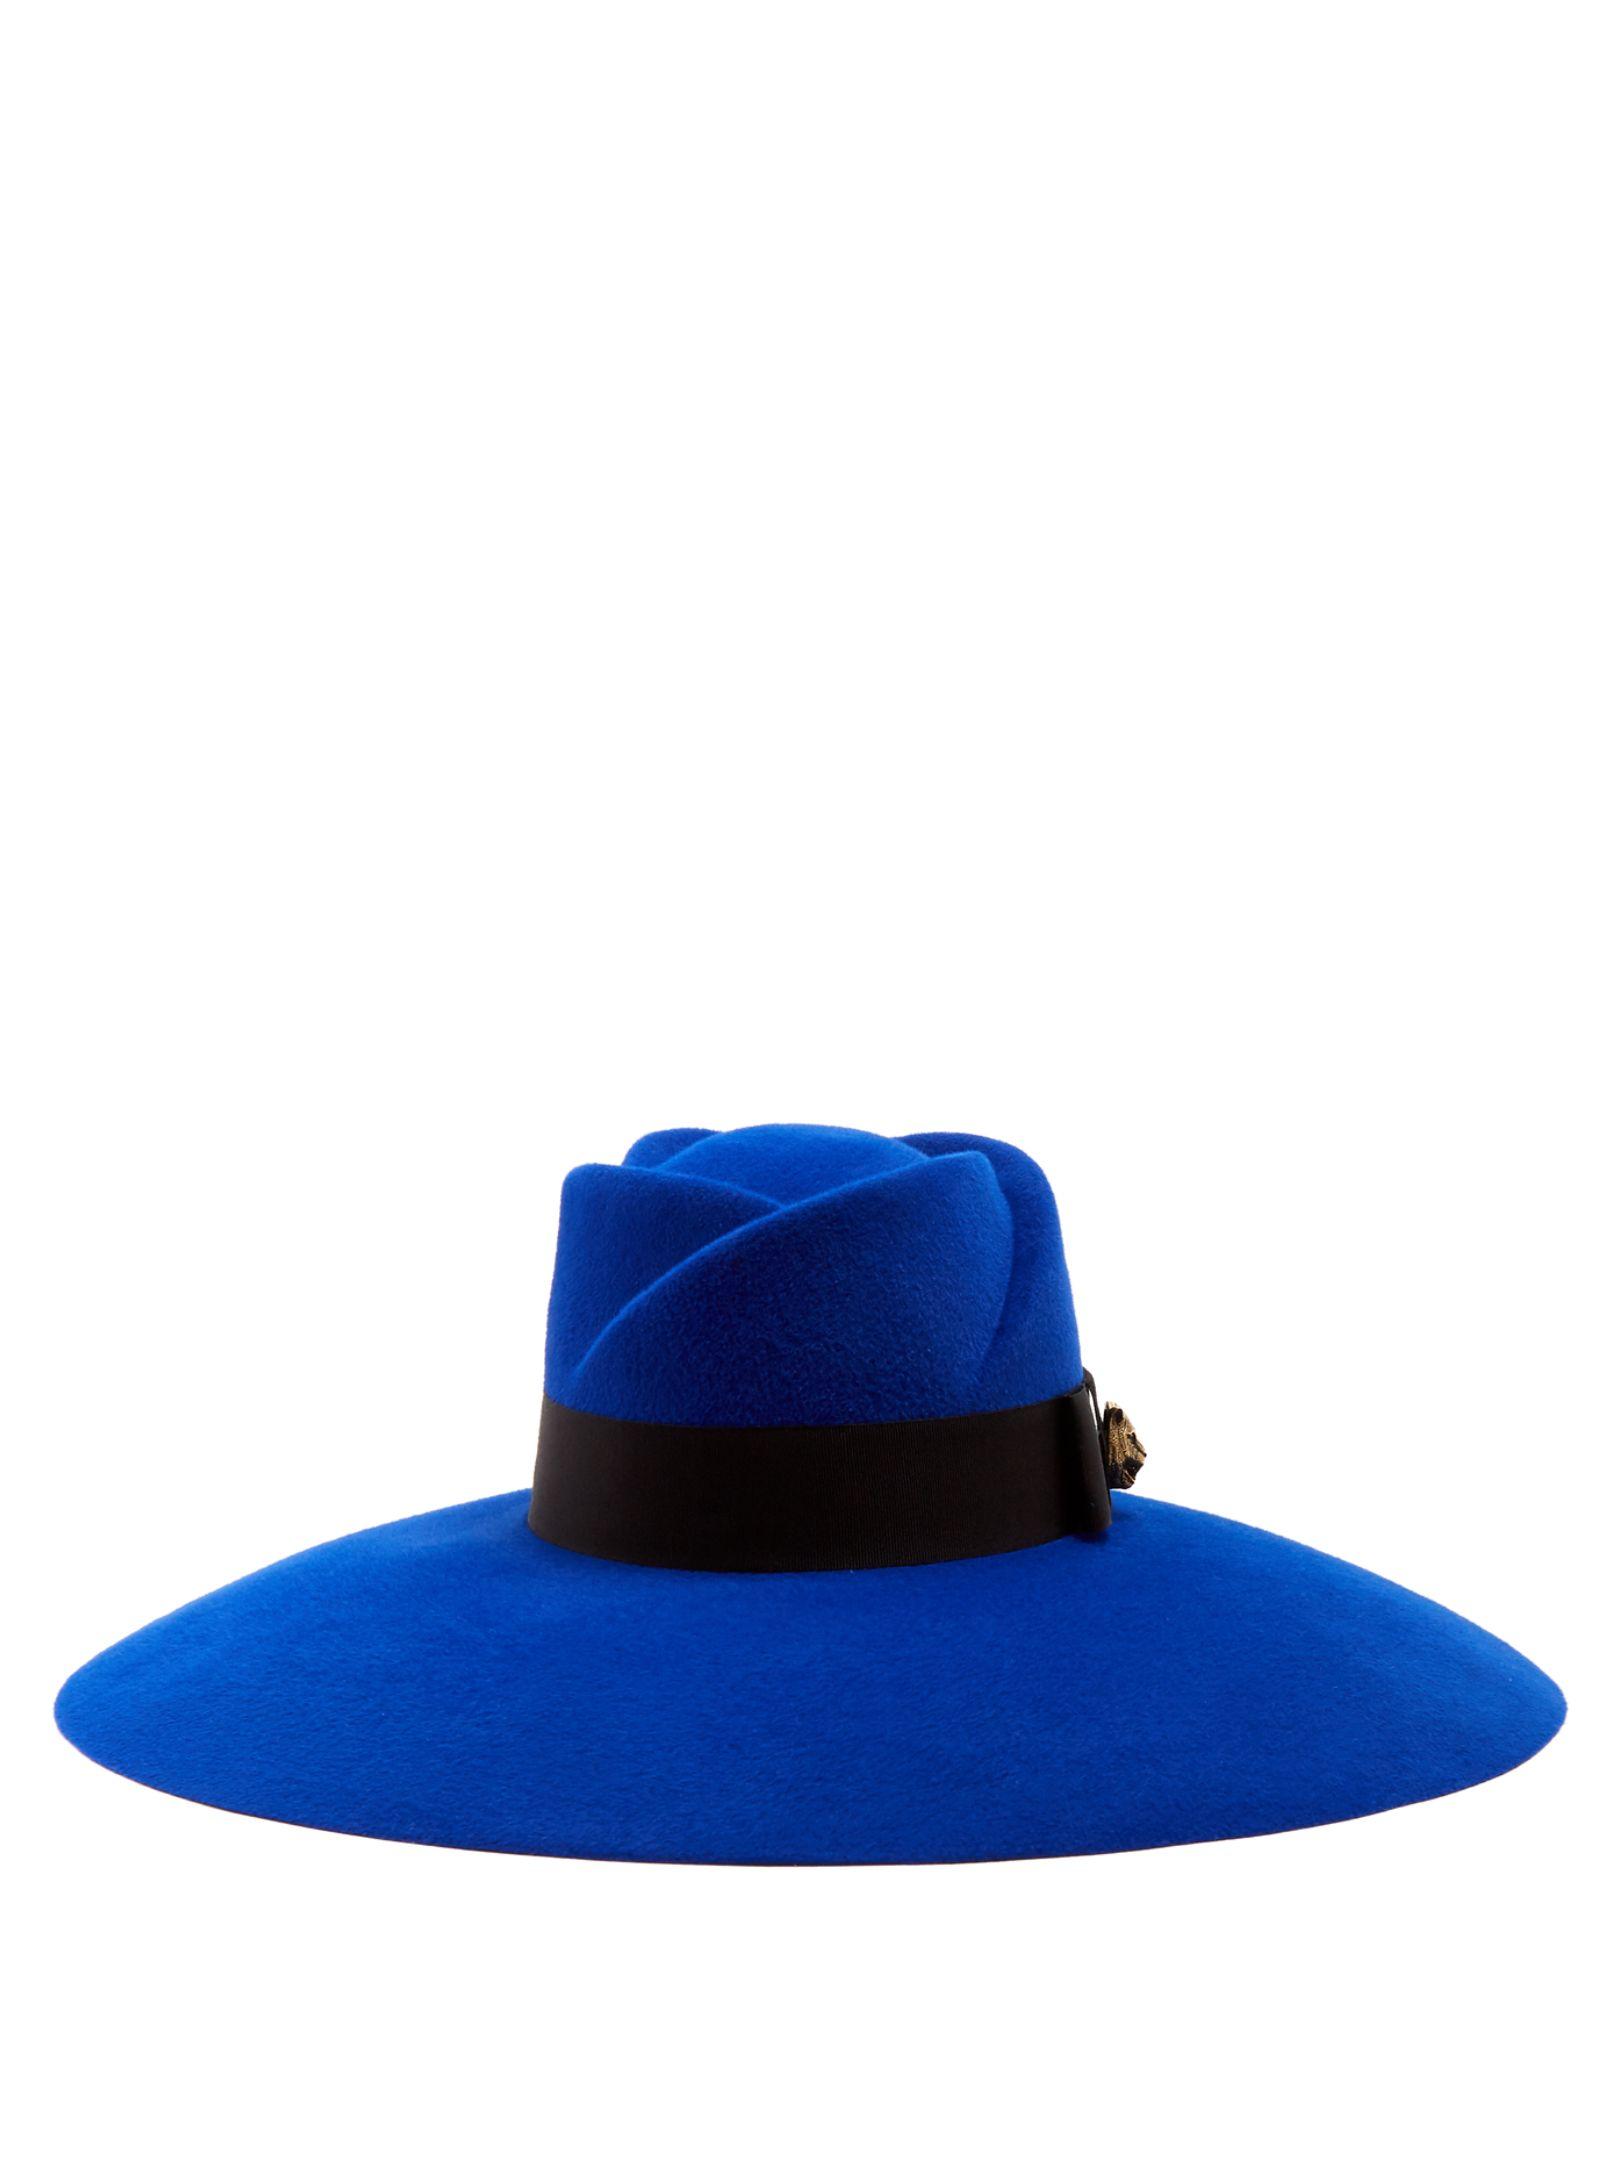 17cc09ab24e Fur-felt wide-brim trilby hat